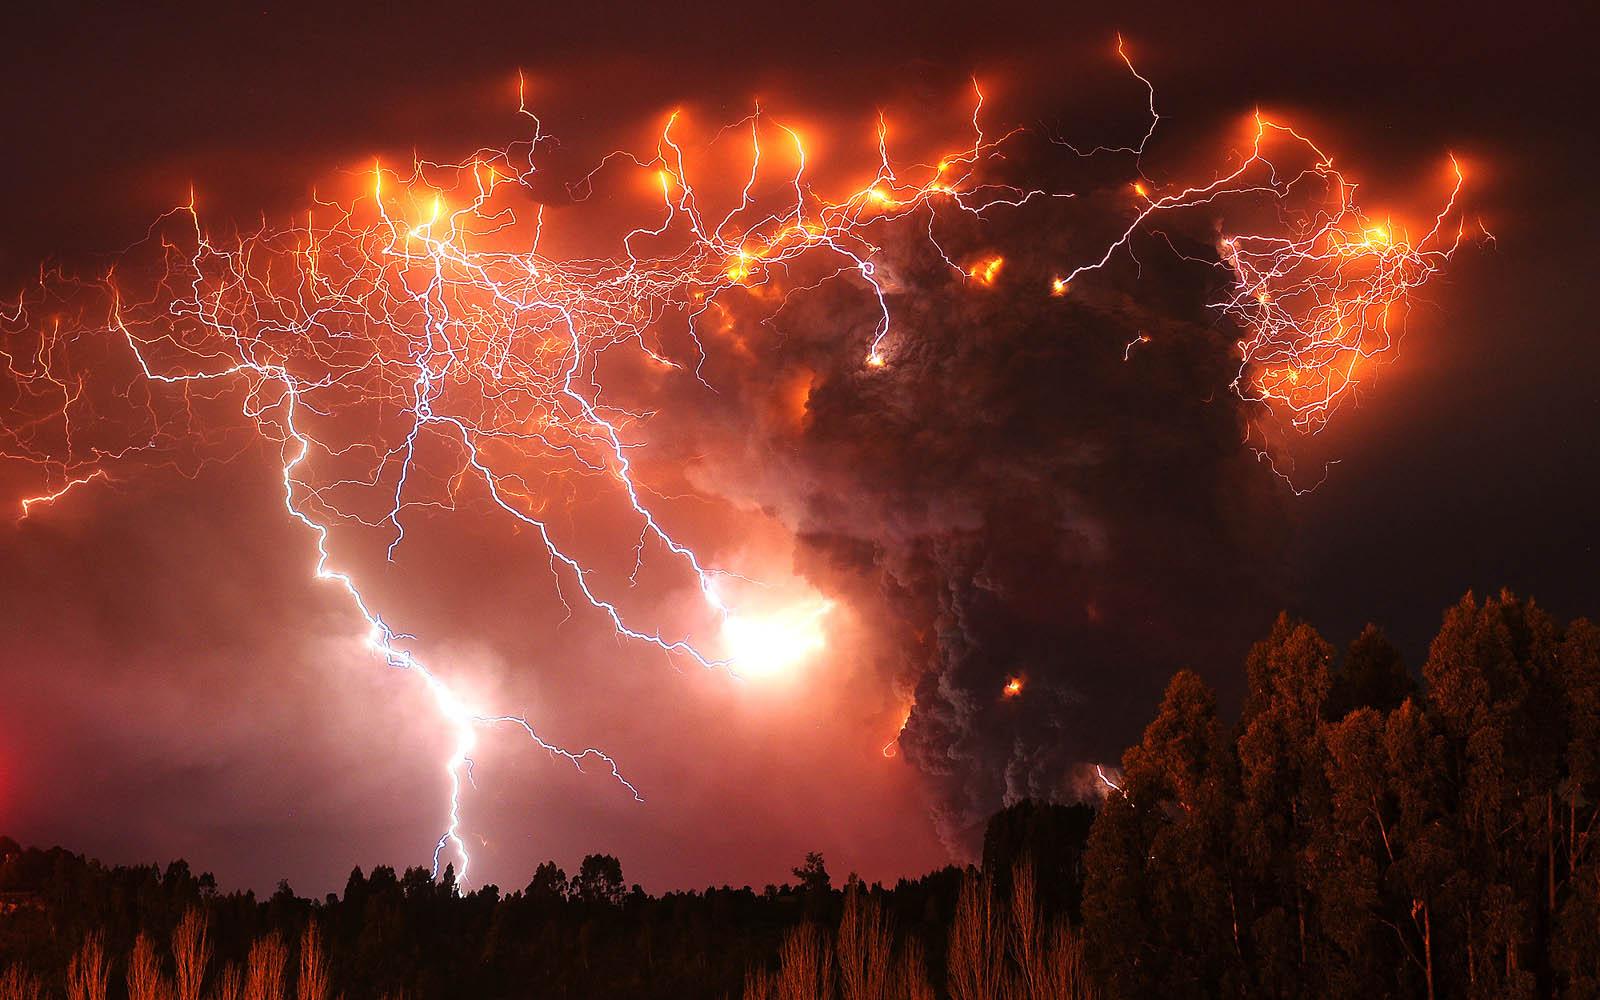 wallpapers Volcano Erupts 1600x1000